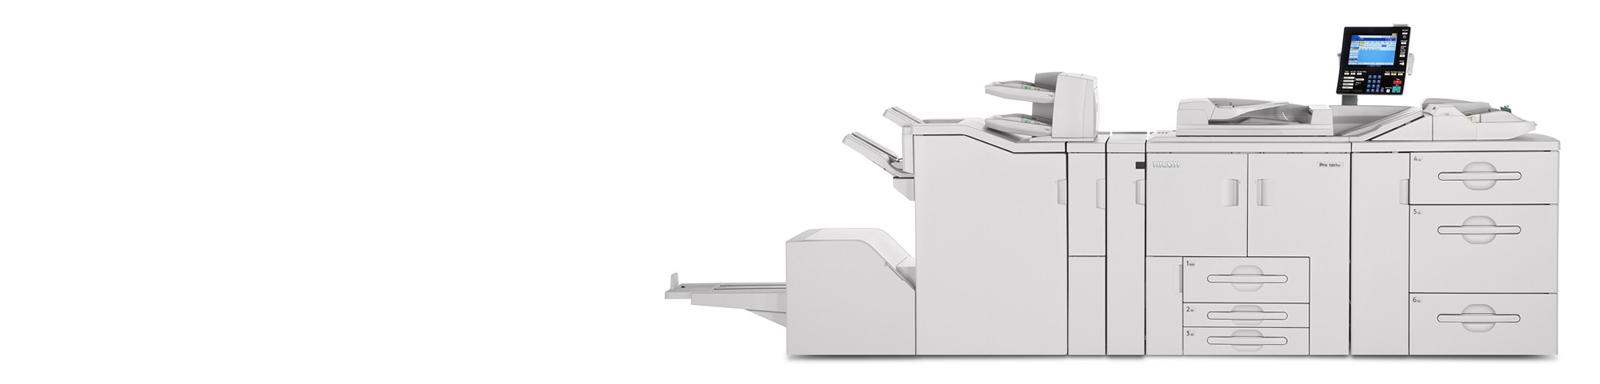 Diferenças das Impressoras Profissionais e Multifuncionais